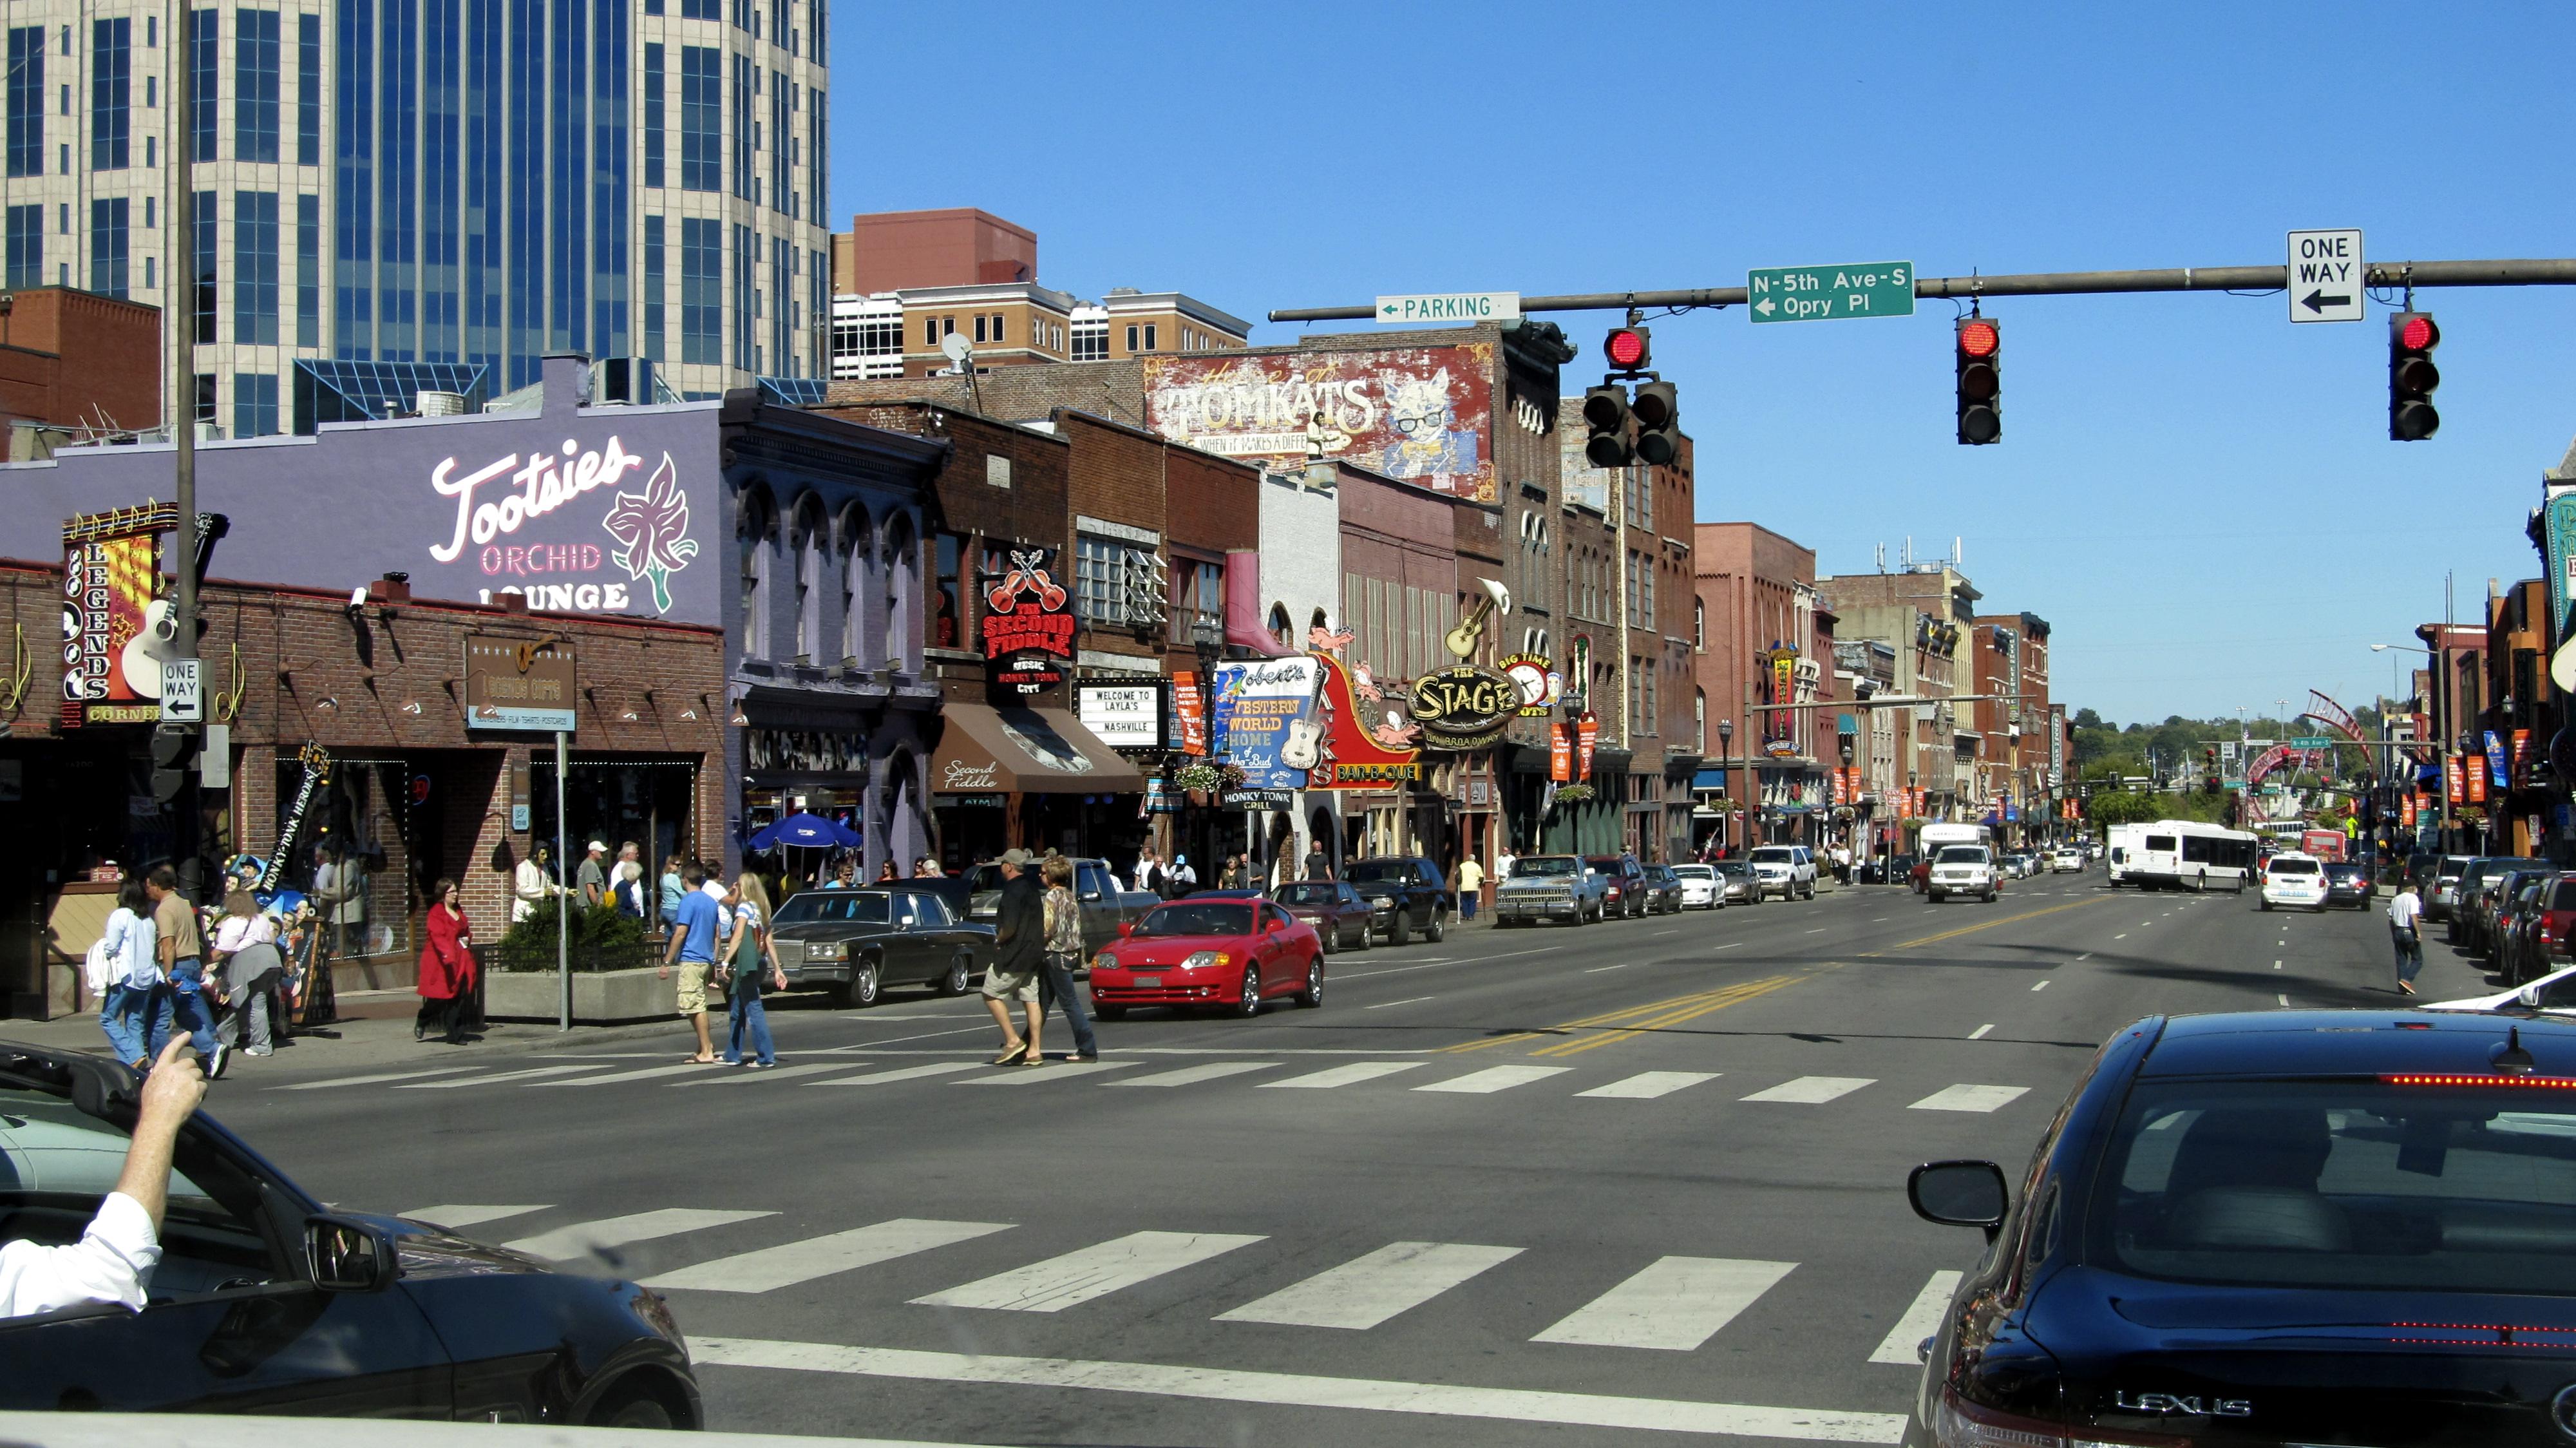 NashvilleStreets